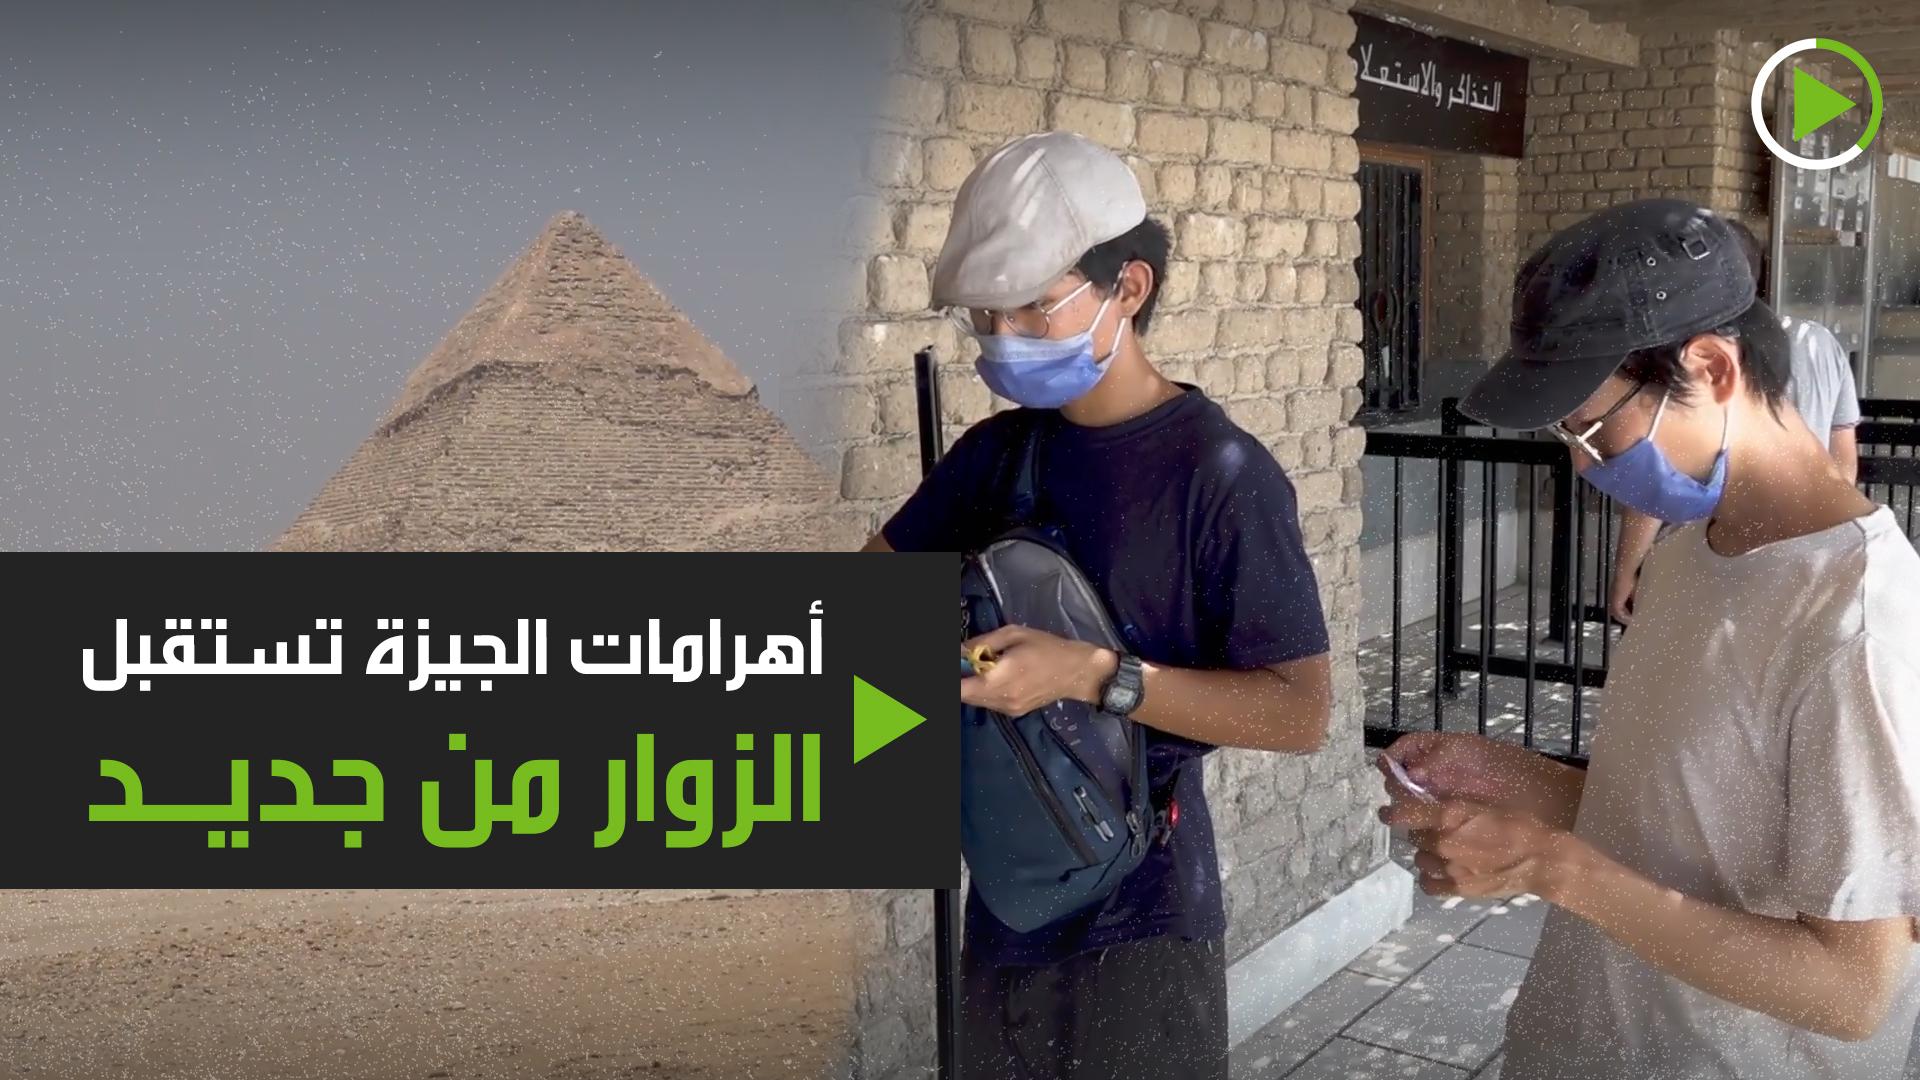 أهرامات الجيزة تستقبل الزوار بعد الإغلاق 3 أشهر بسبب كورونا